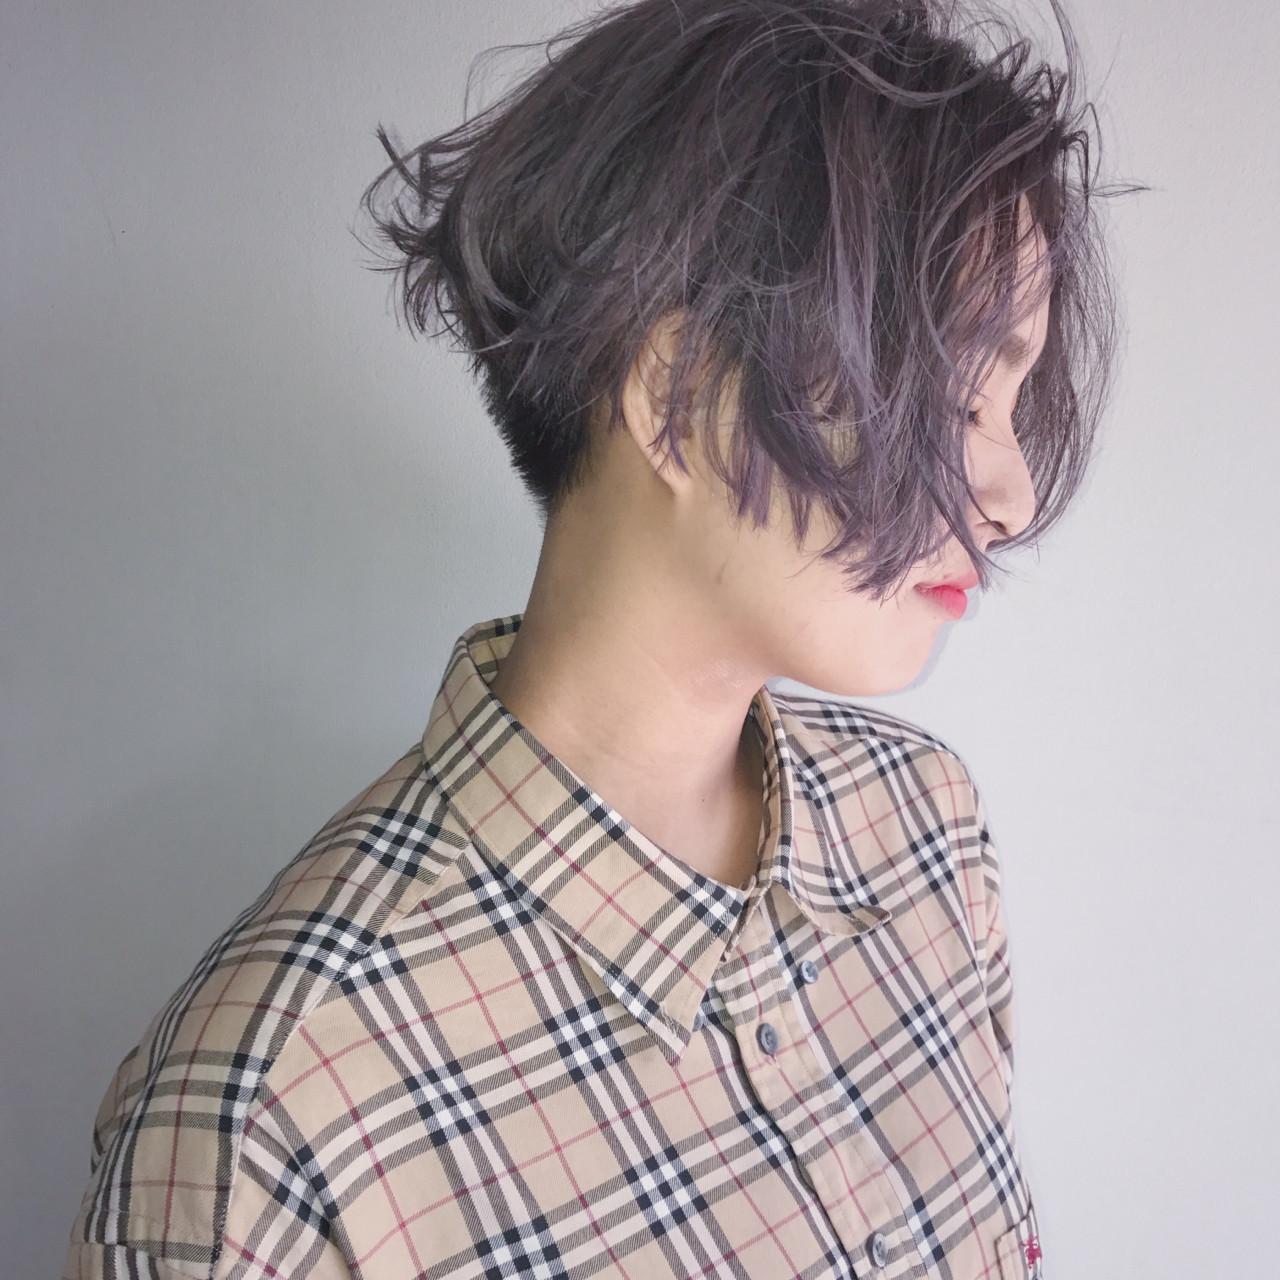 ボブ ハイライト インナーカラー ストリート ヘアスタイルや髪型の写真・画像